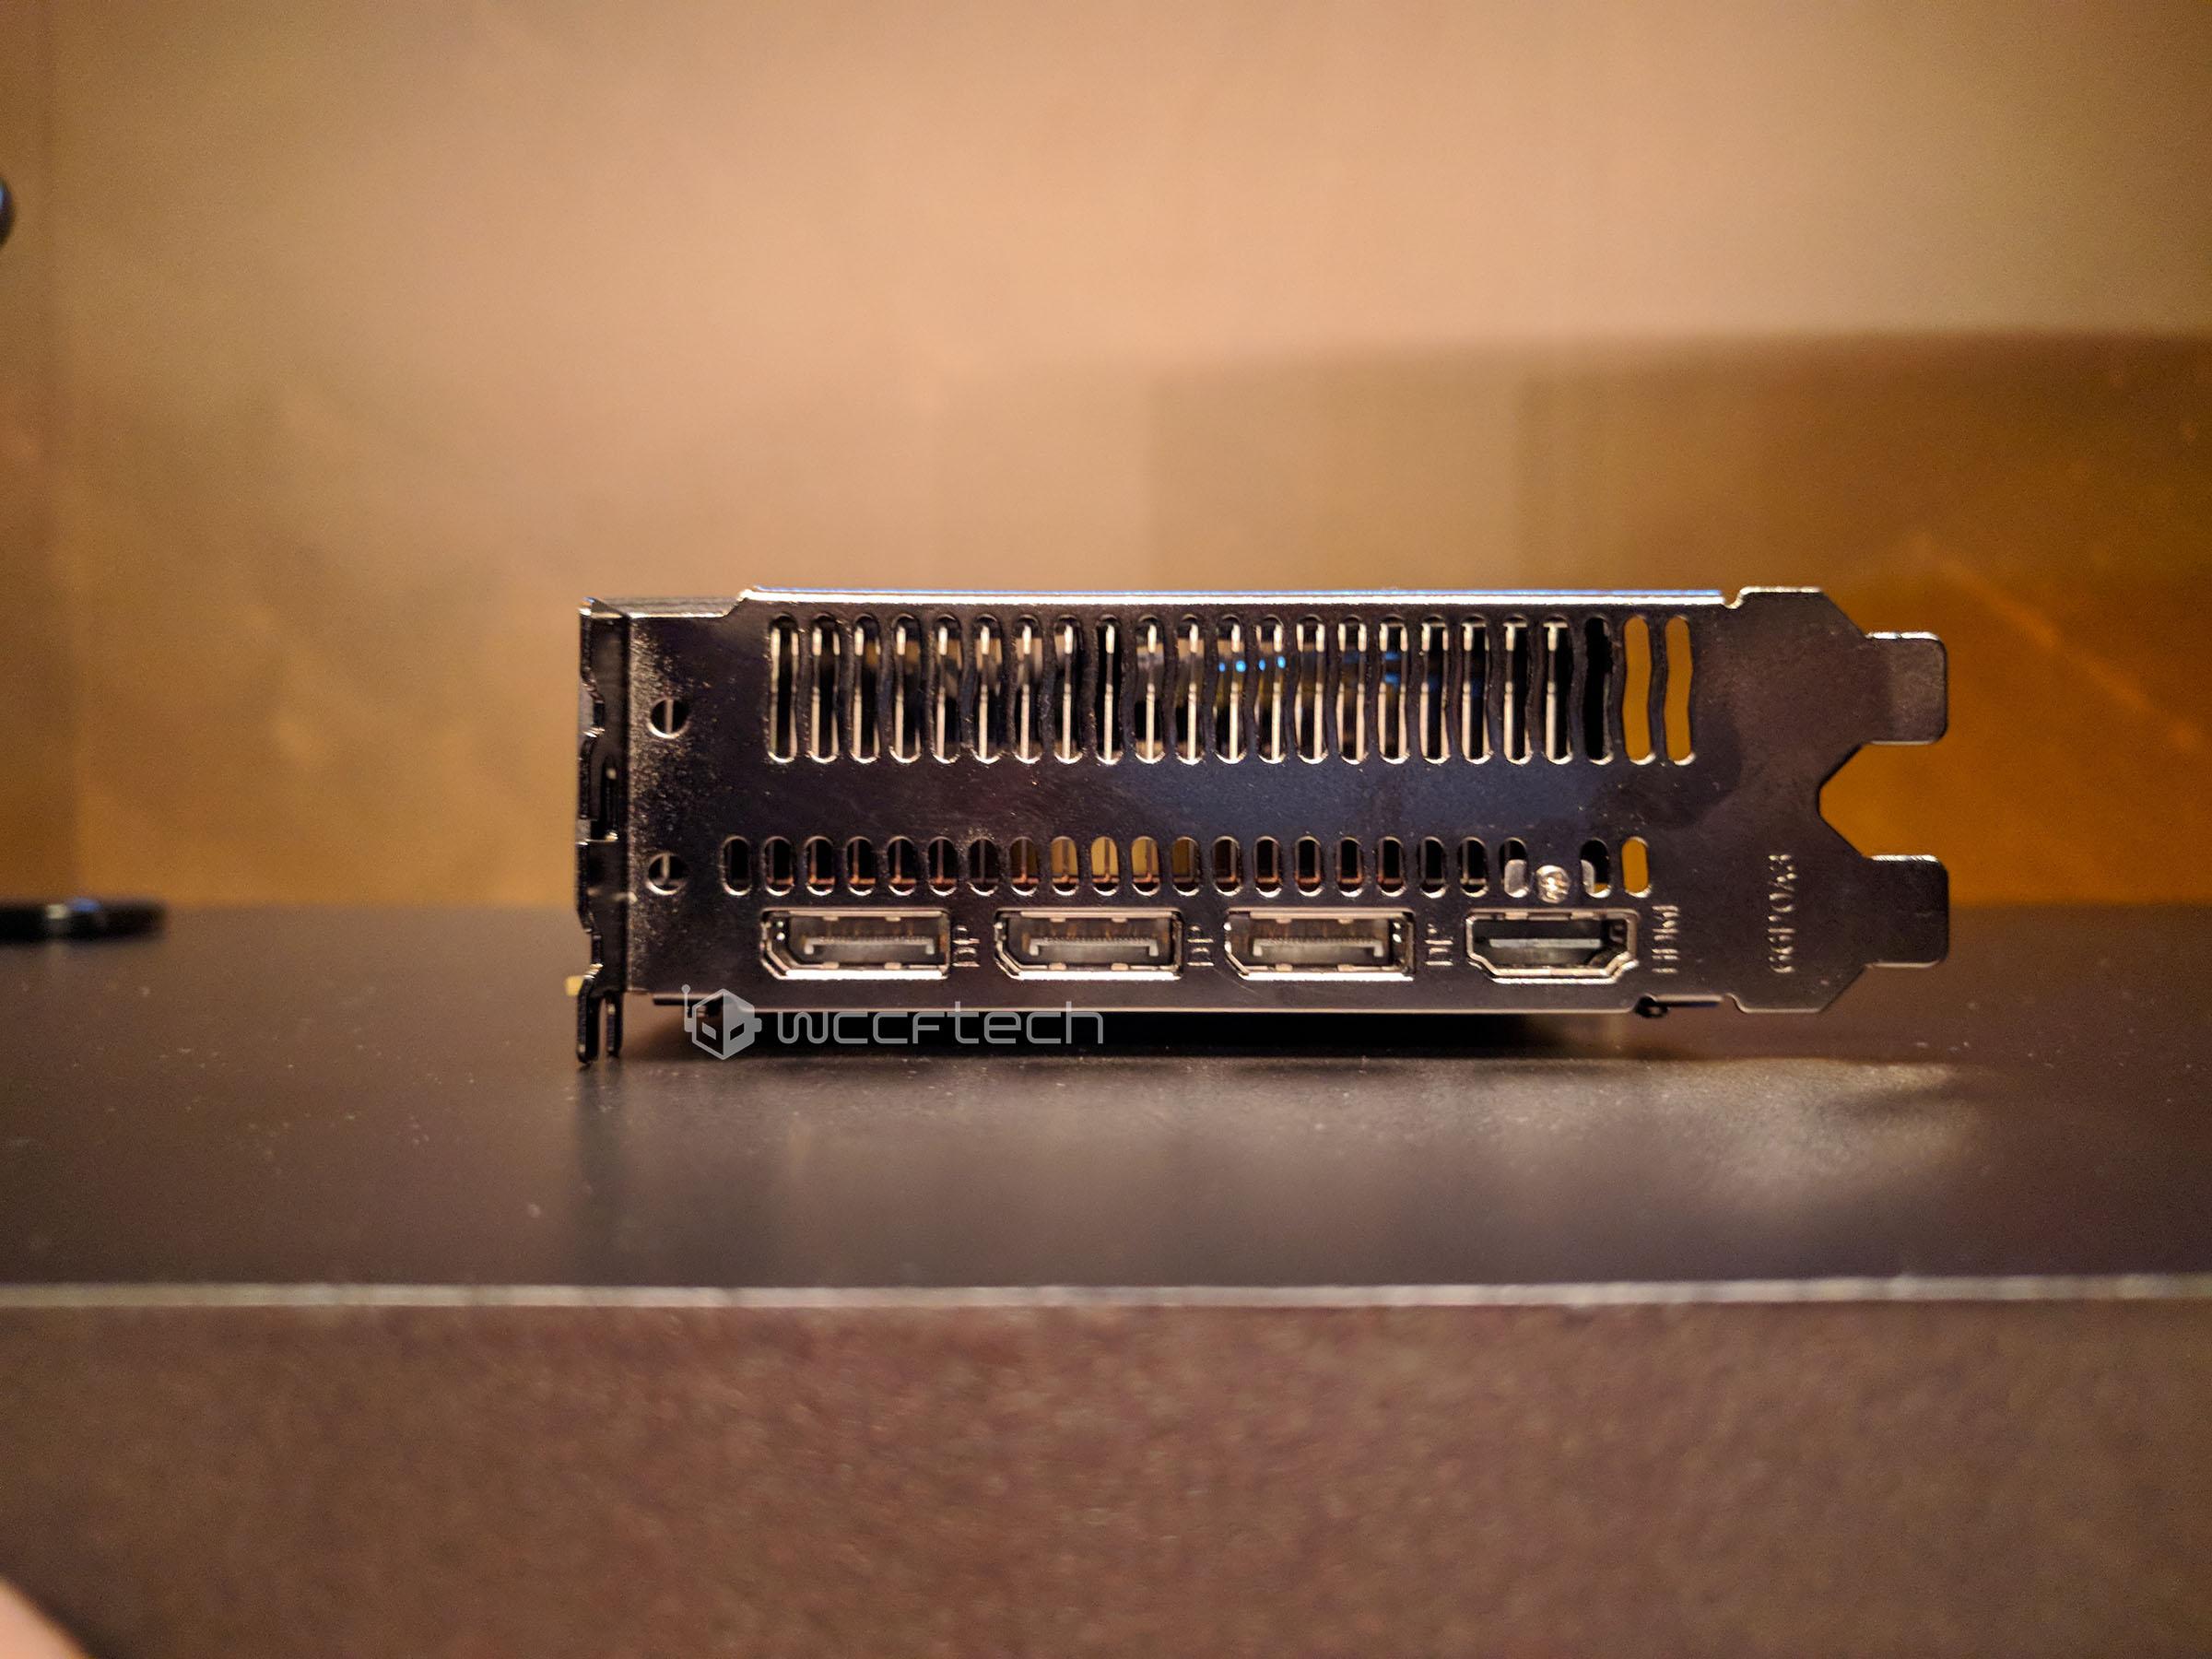 AMD Radeon RX Vega 56 Nano (Powercolor) Close-up Shots From